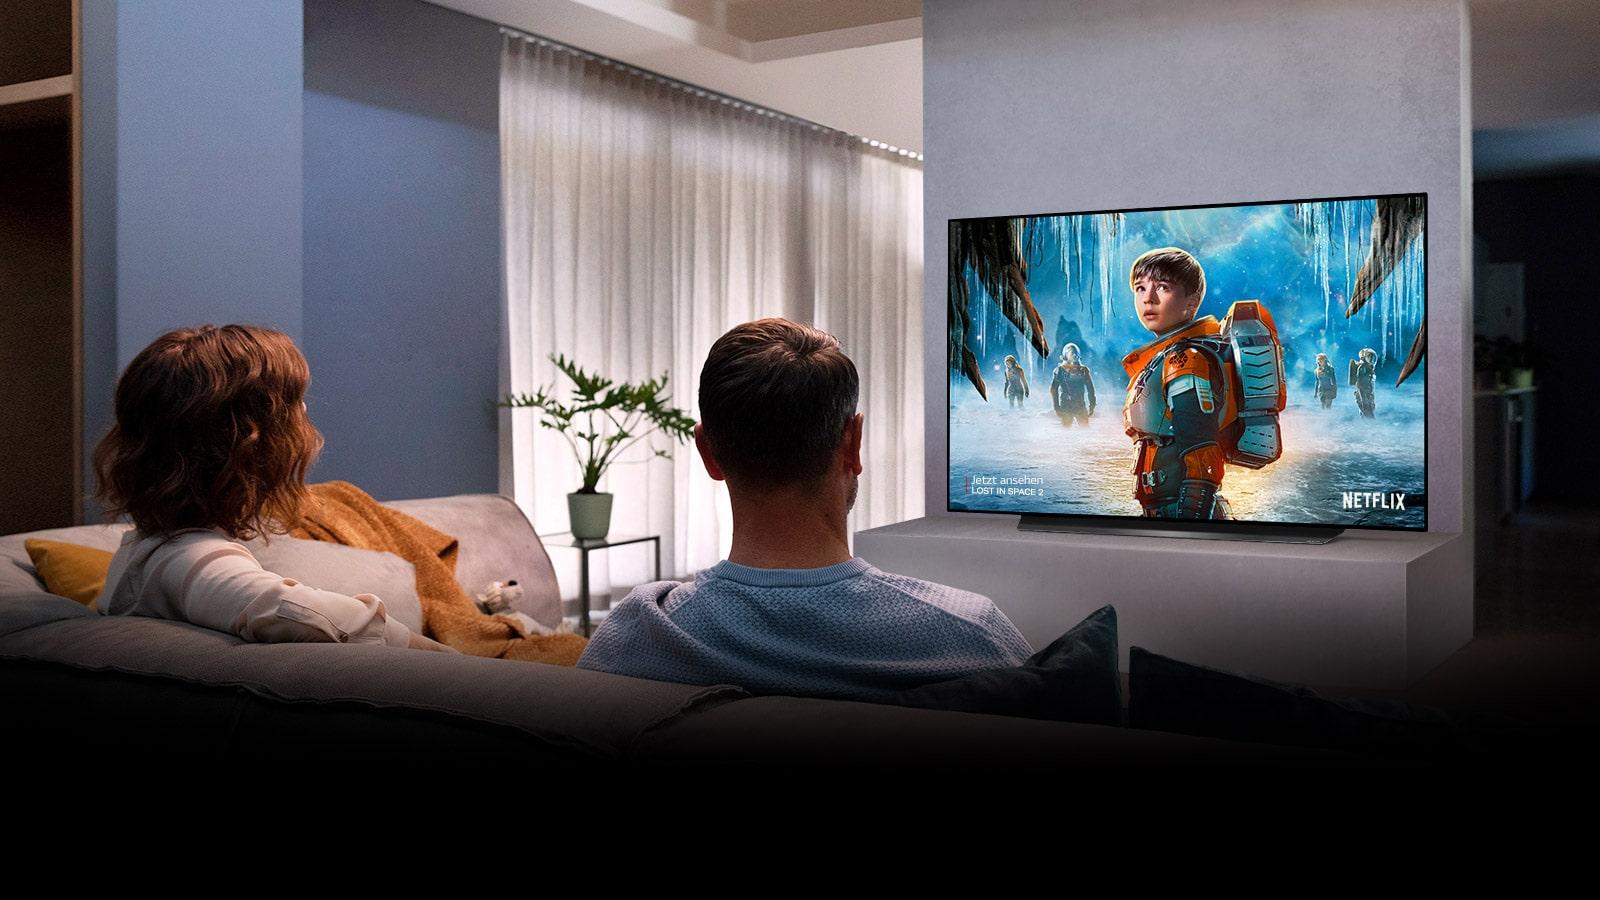 Ein Paar sitzt auf der Wohnzimmercouch und sieht sich einen romantischen Film an.